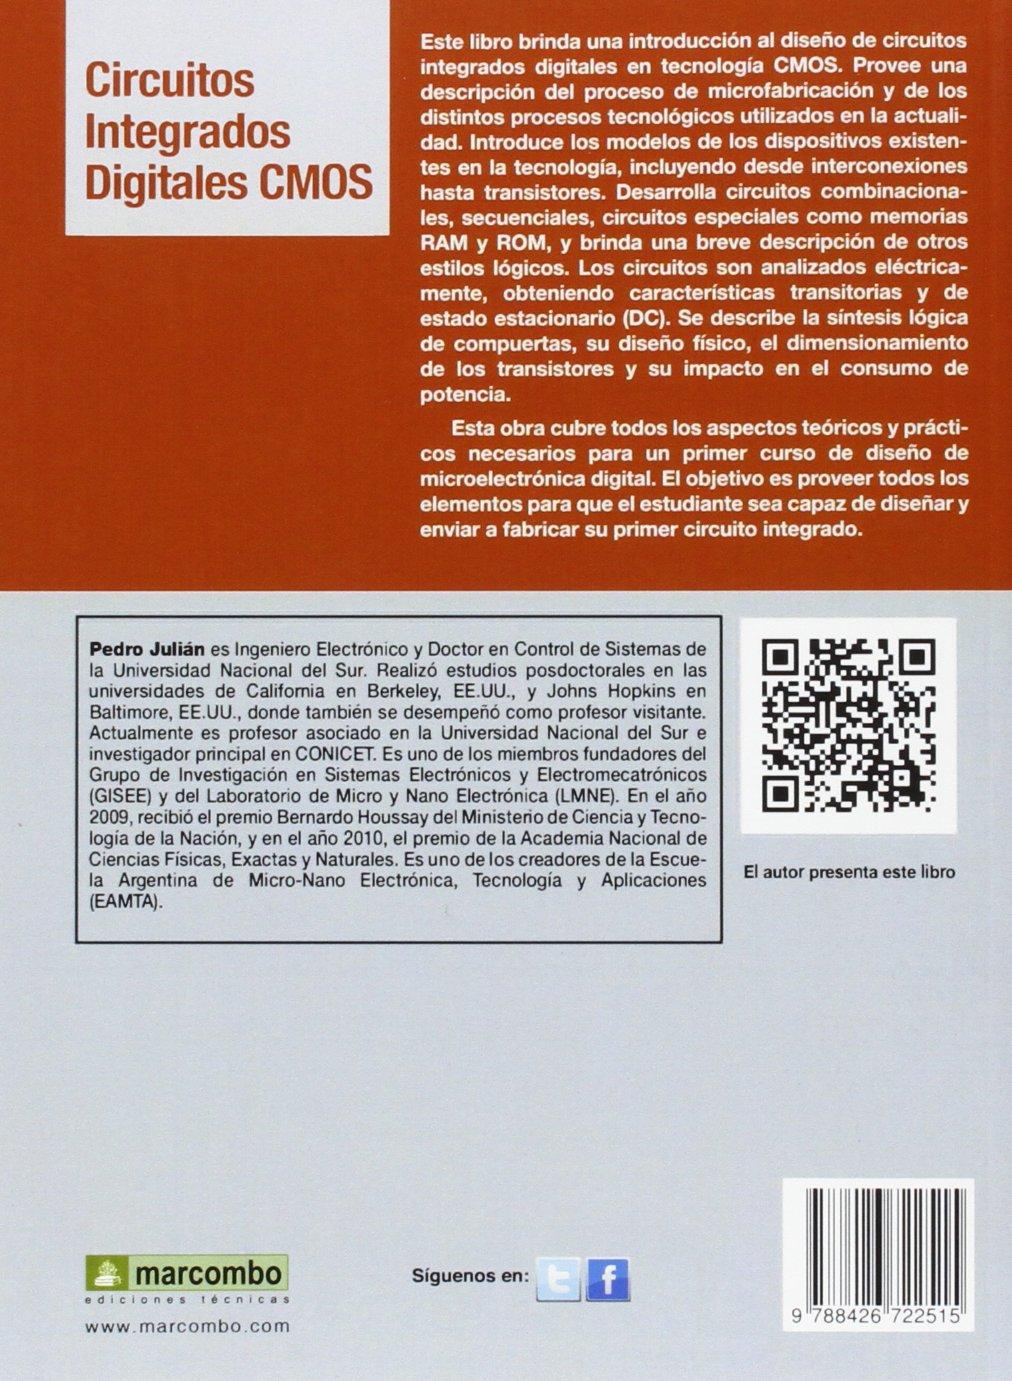 Circuitos integrados digitales CMOS: Anáilisis y diseño: Amazon.es: Julián Pedro : Libros